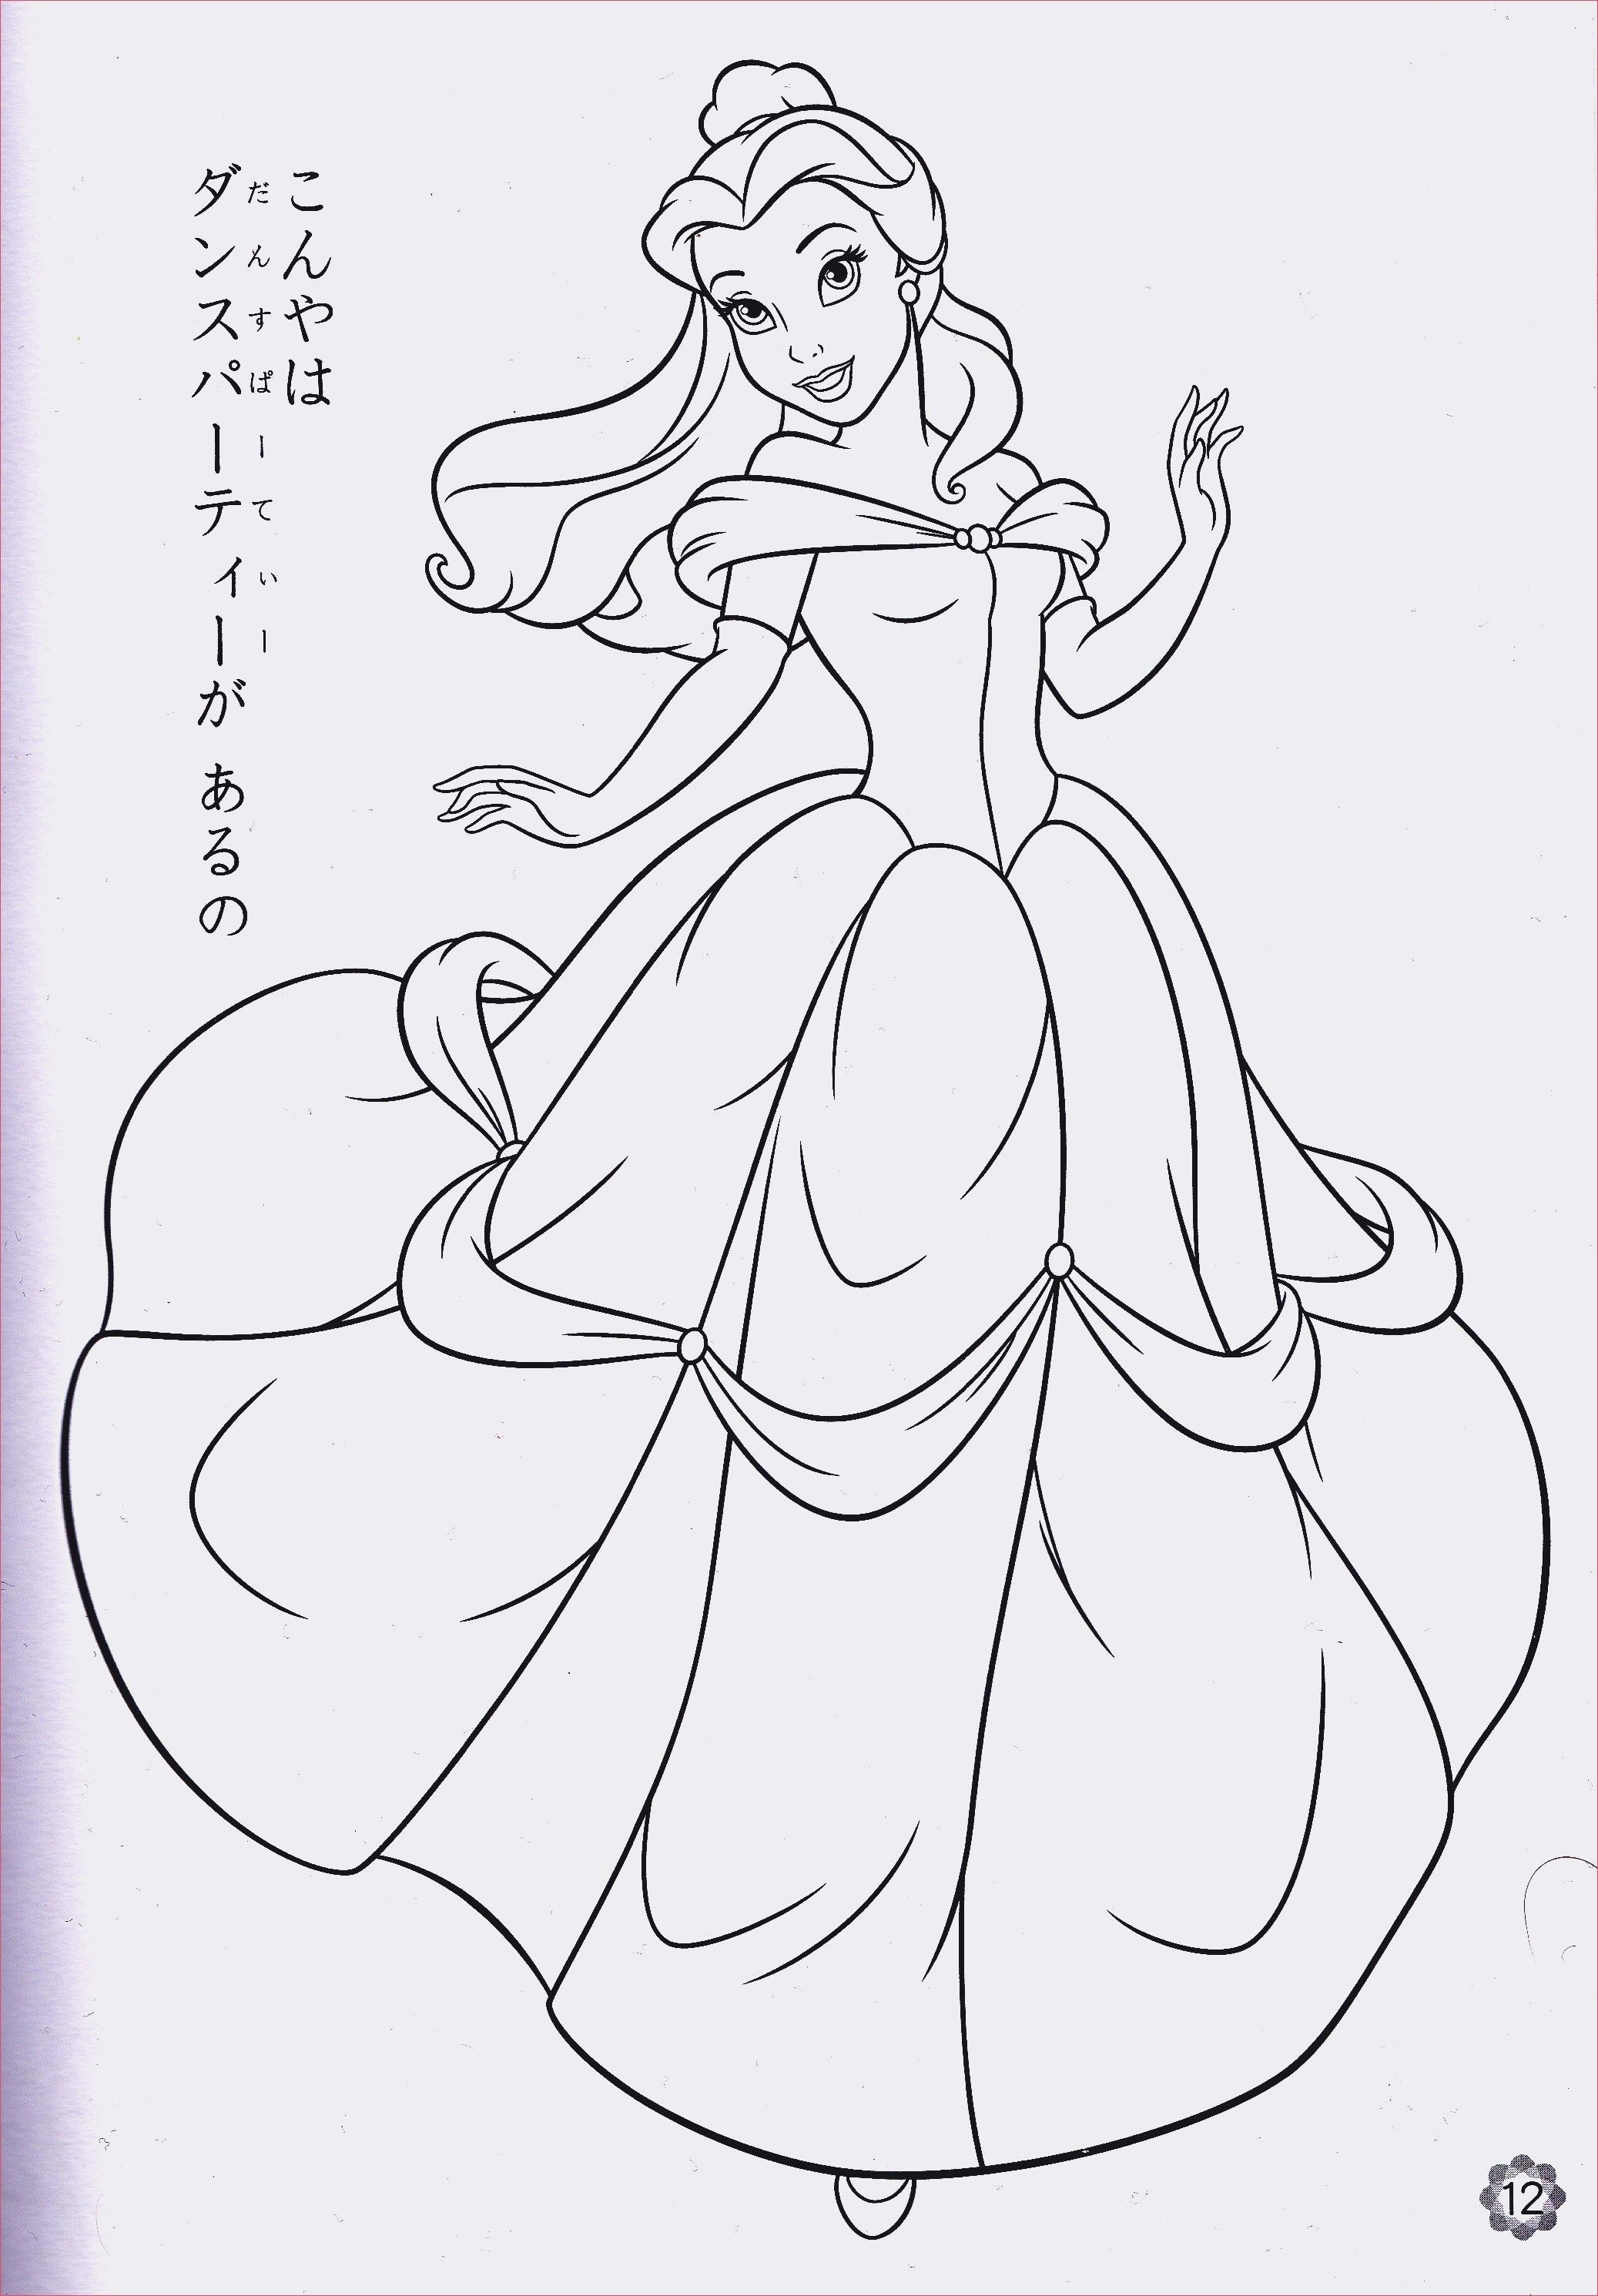 Disney Prinzessin Ausmalbild Inspirierend Malvorlagen Disney Kostenlos Verschiedene Bilder Färben Bayern Sammlung